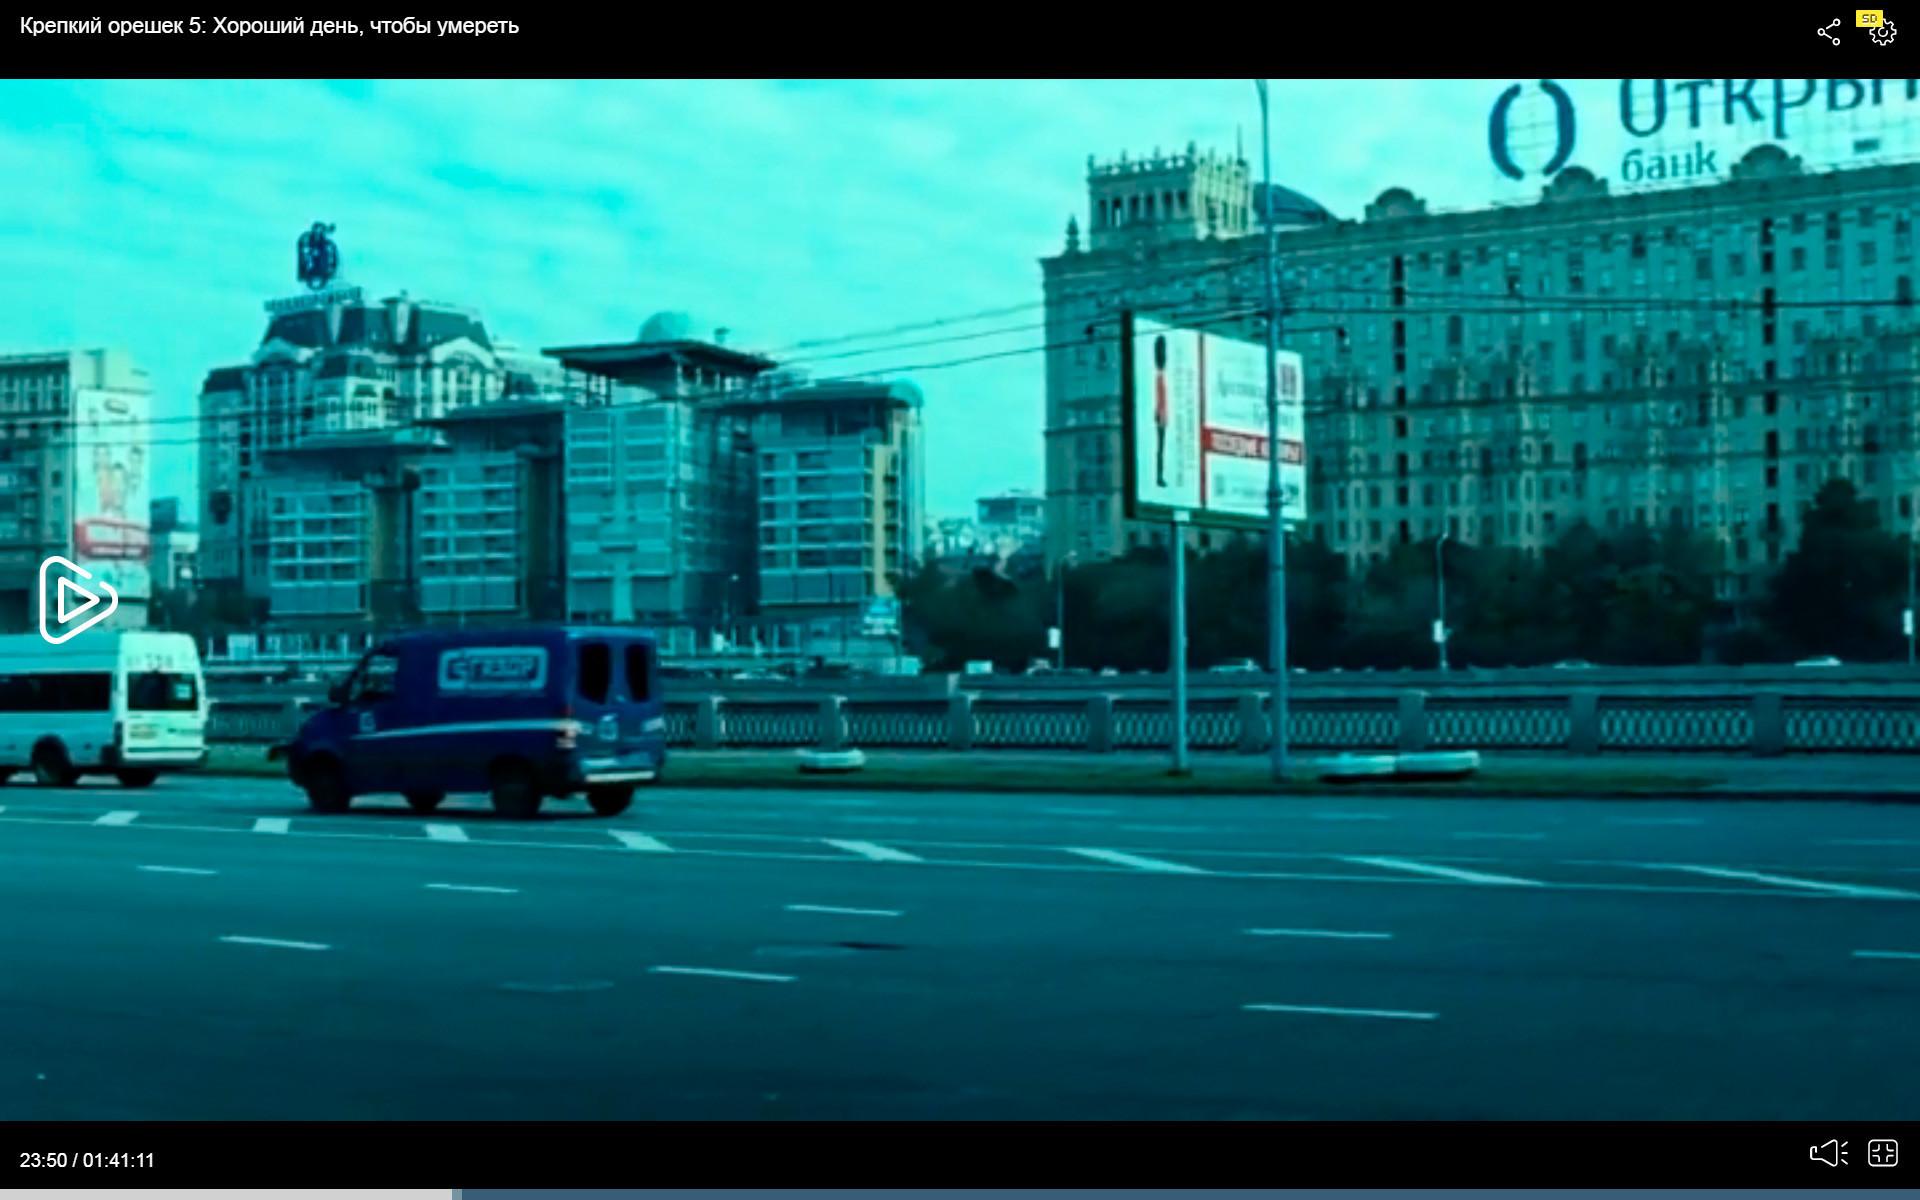 Esta, sin embargo, es una vista genuina de Moscú, con la Embajada Británica en el malecón de Smoléskaia